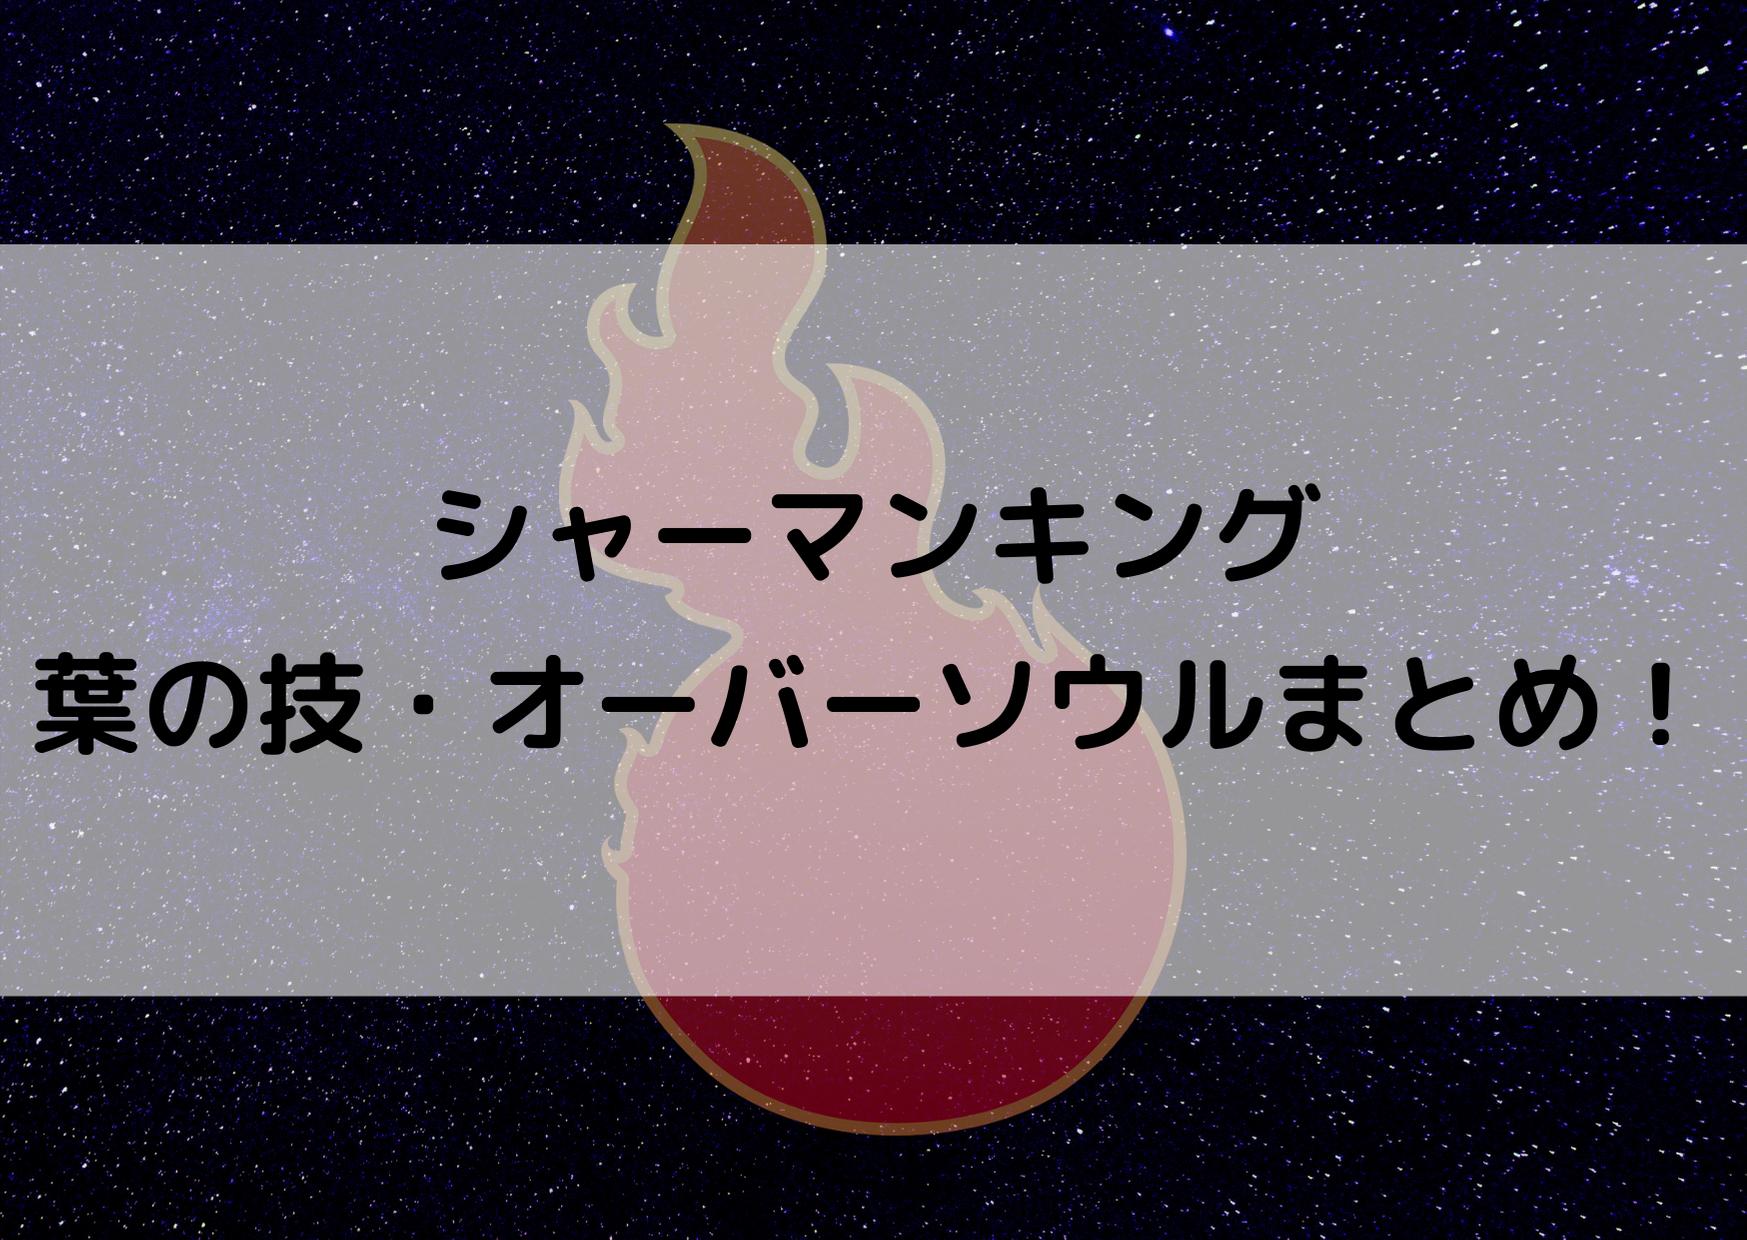 シャーマンキング 葉 技